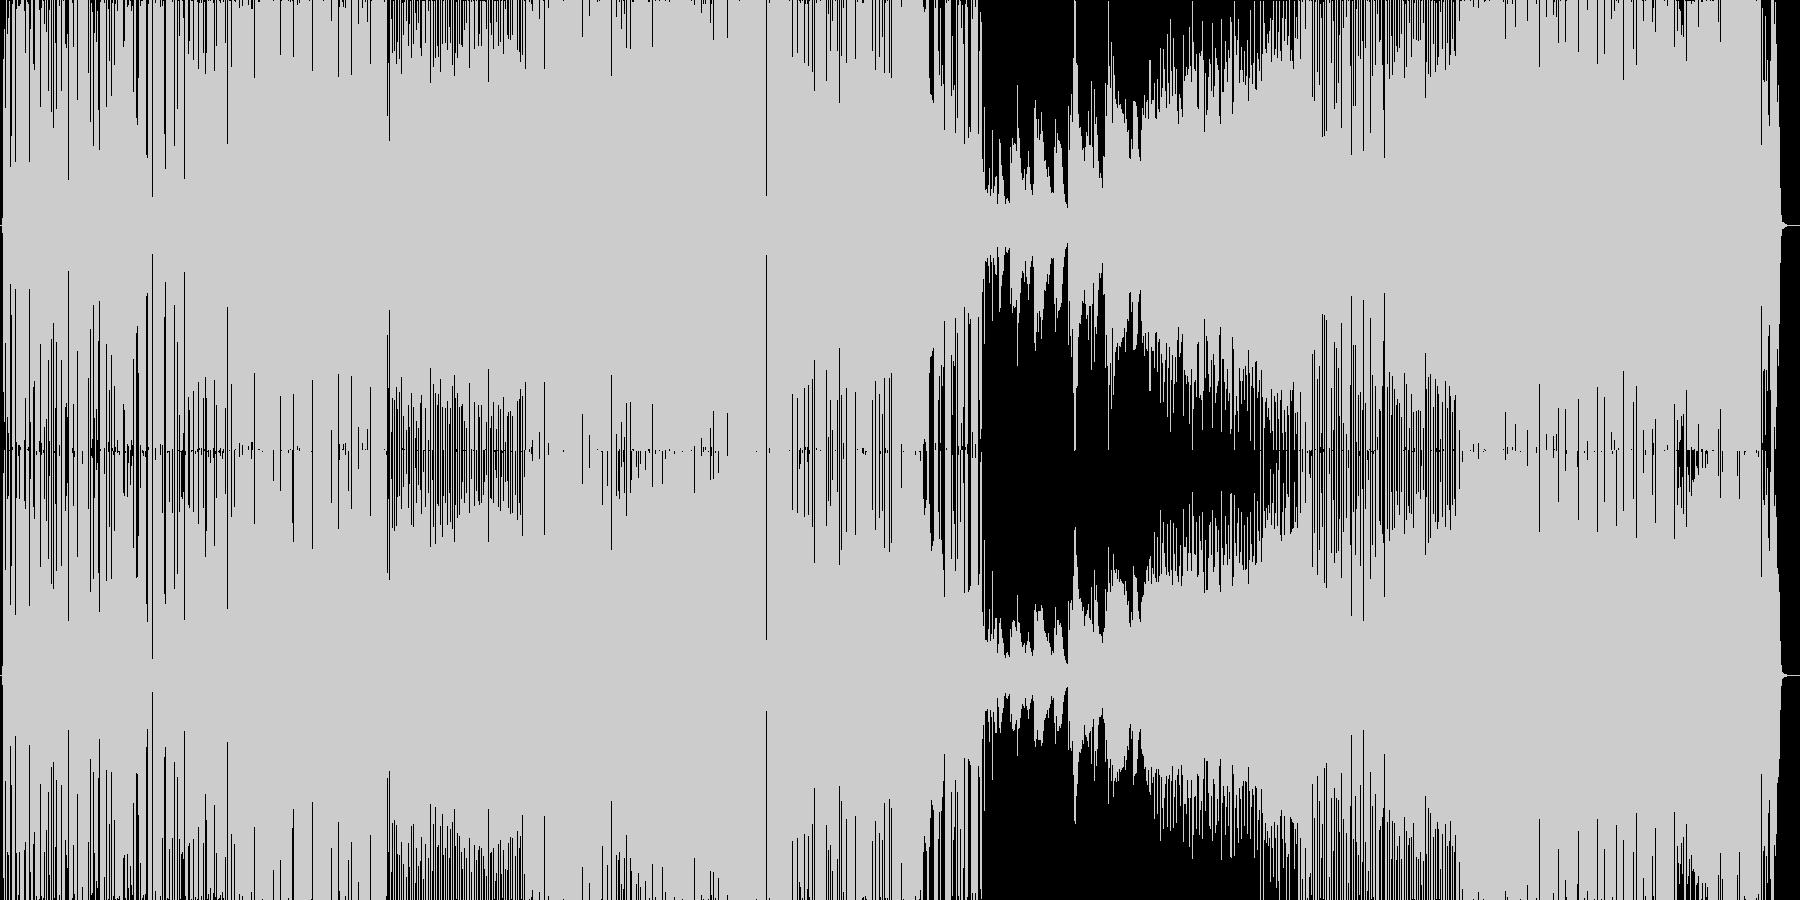 ギターのリズムがカッコいいダンサブルな曲の未再生の波形